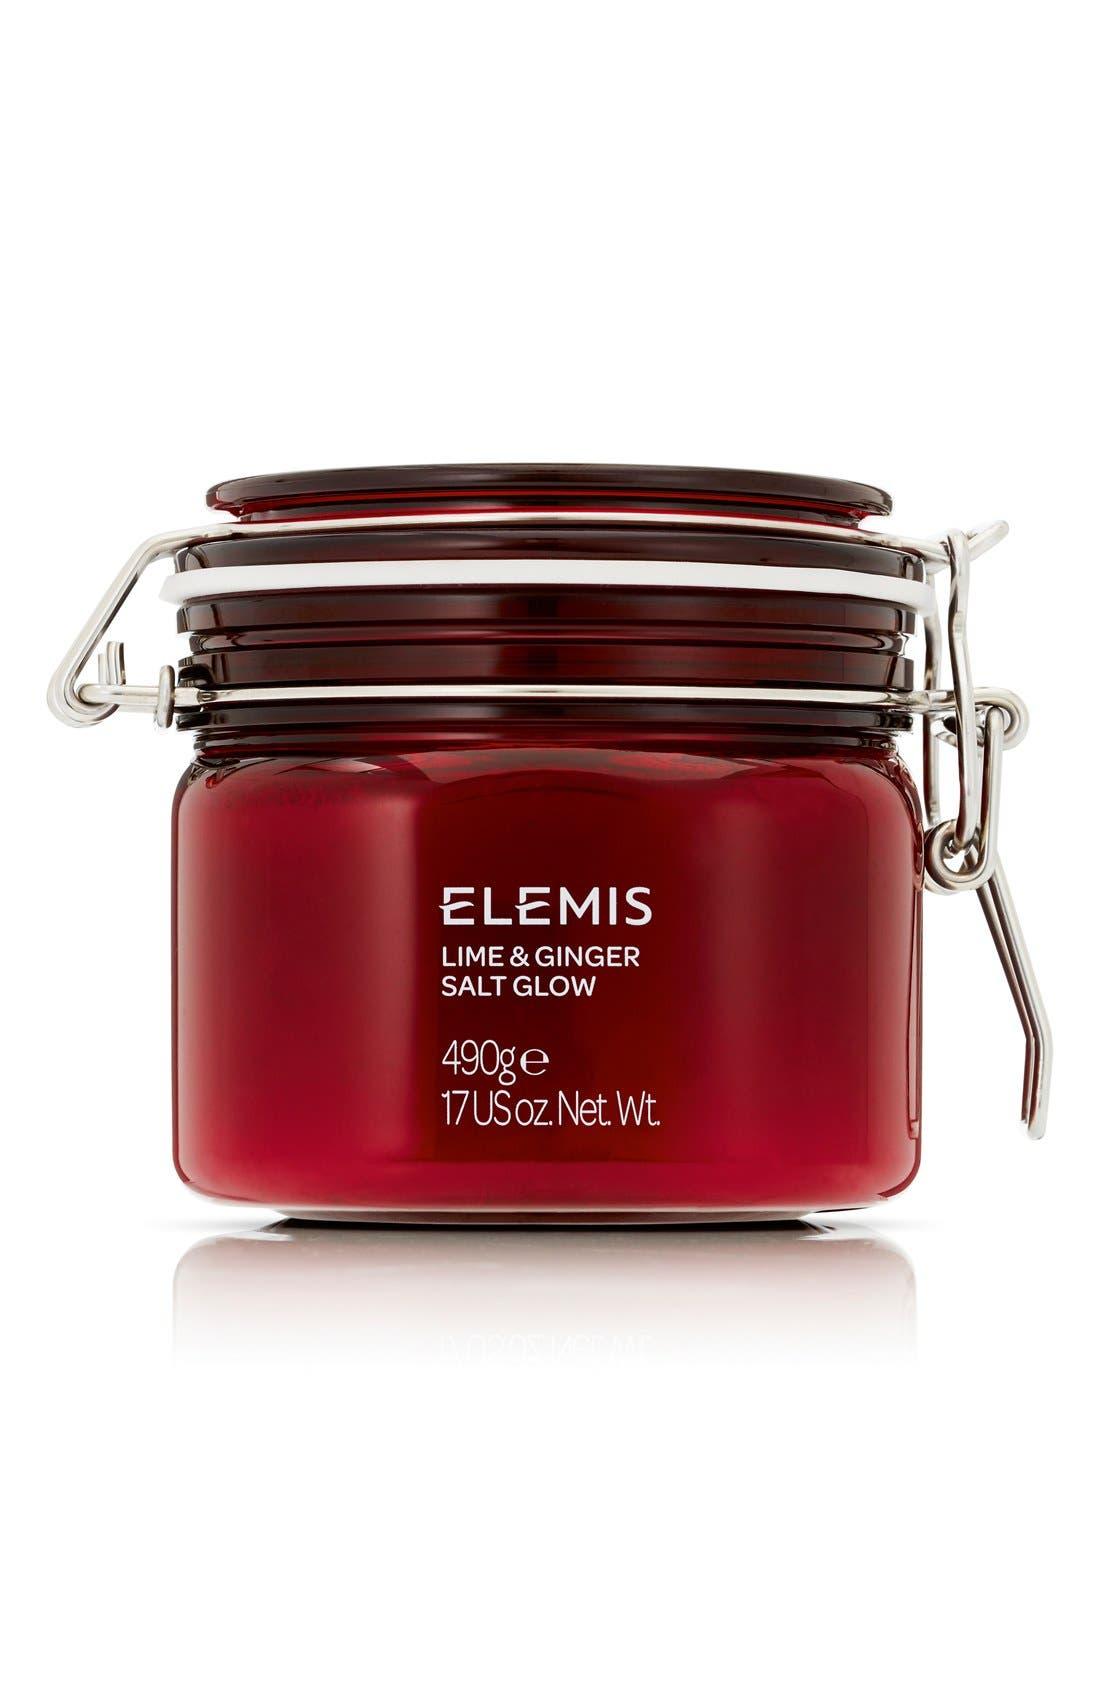 Image of Elemis Lime & Ginger Salt Glow